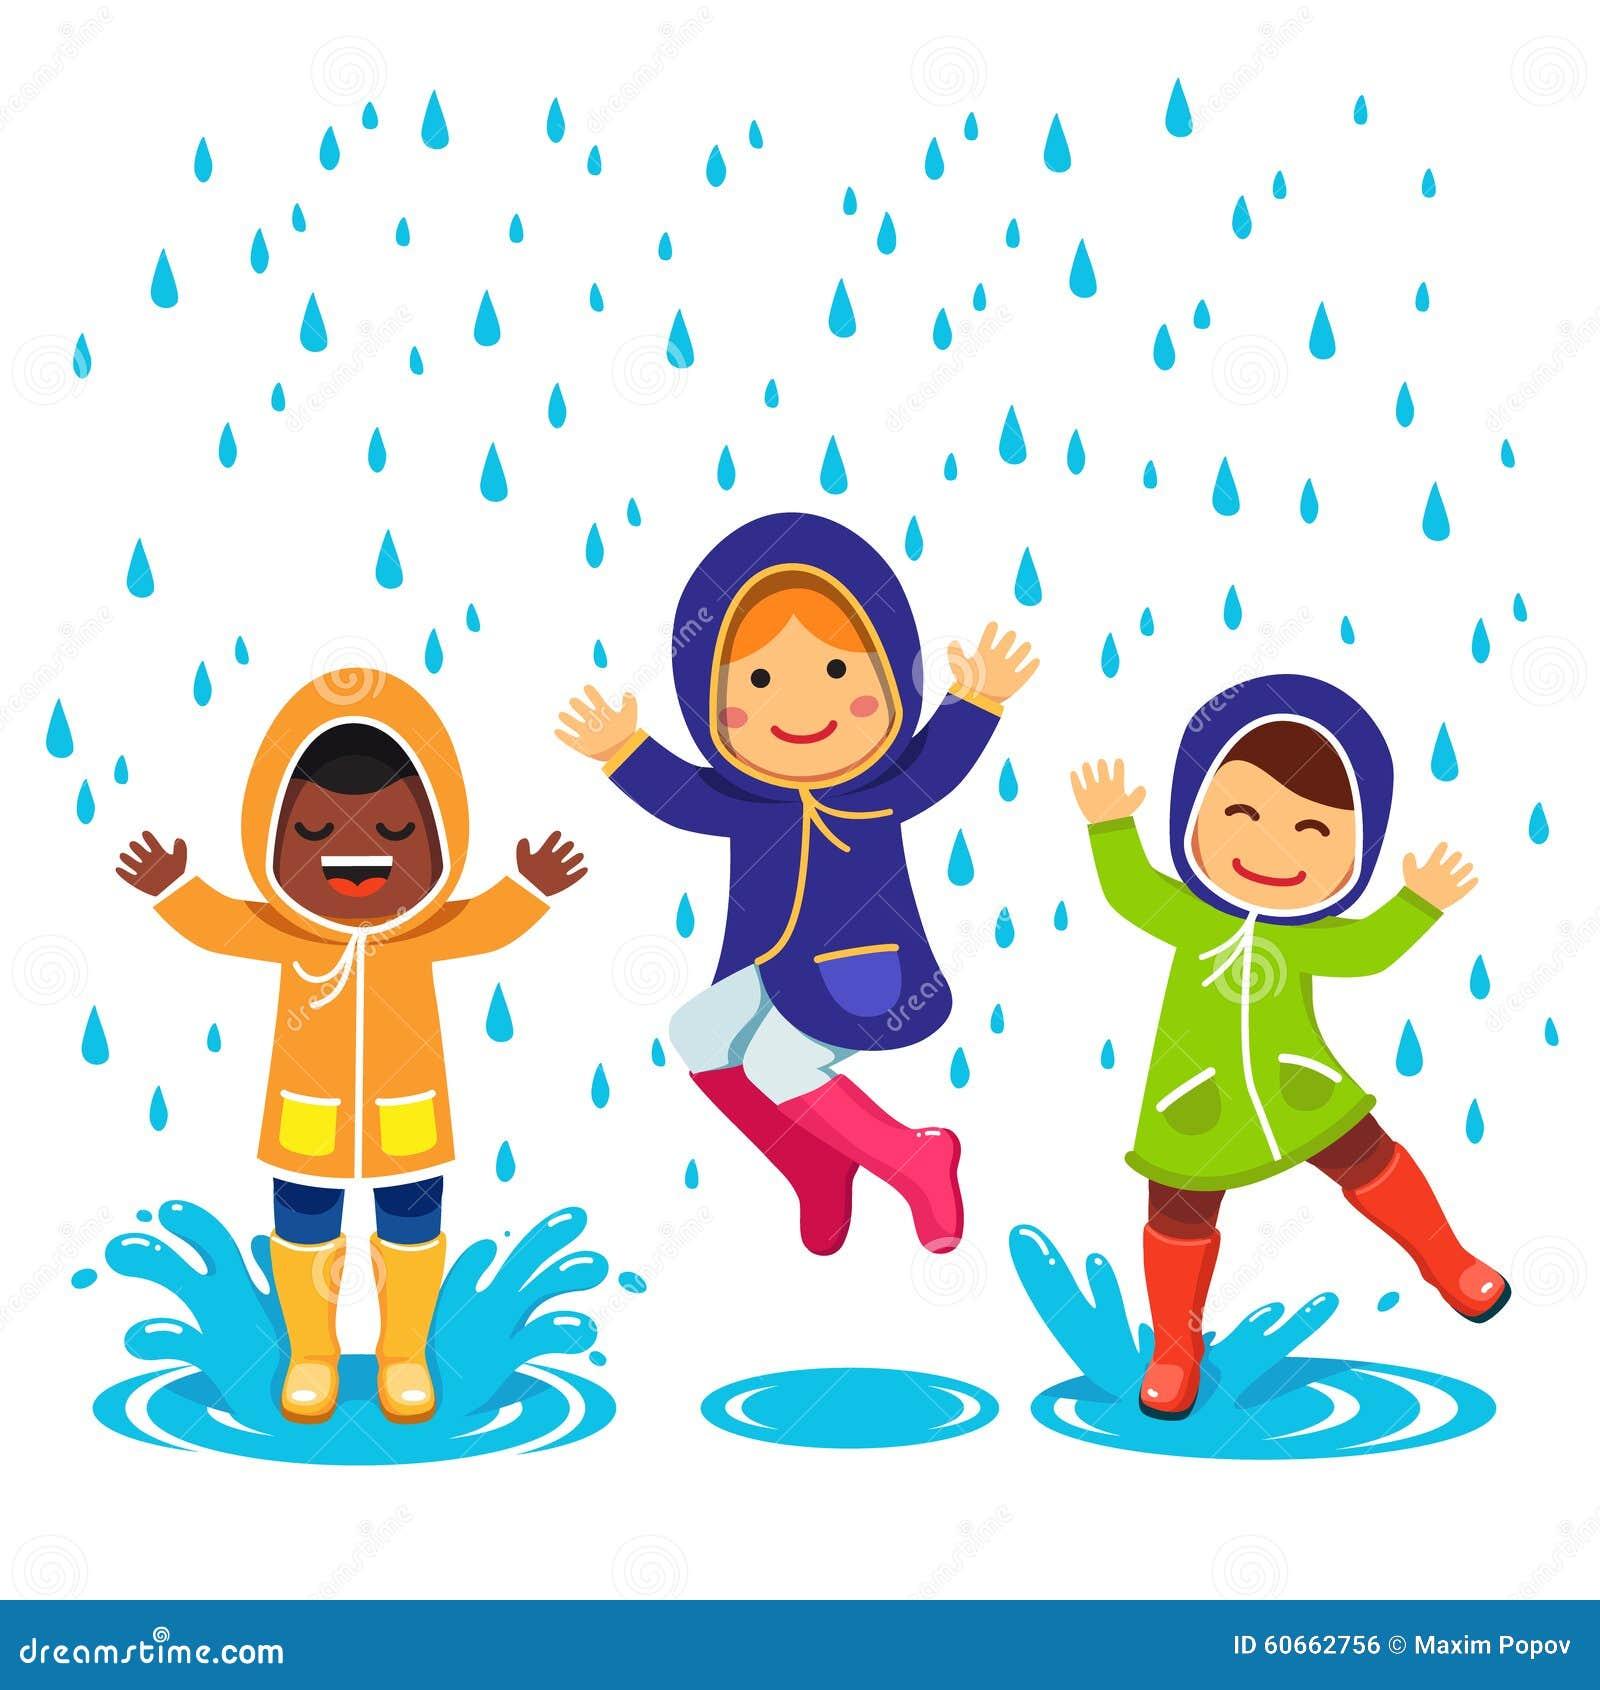 在使用在雨中的雨衣和胶靴的孩子 跳和飞溅通过水坑的孩子 在白色背景图片